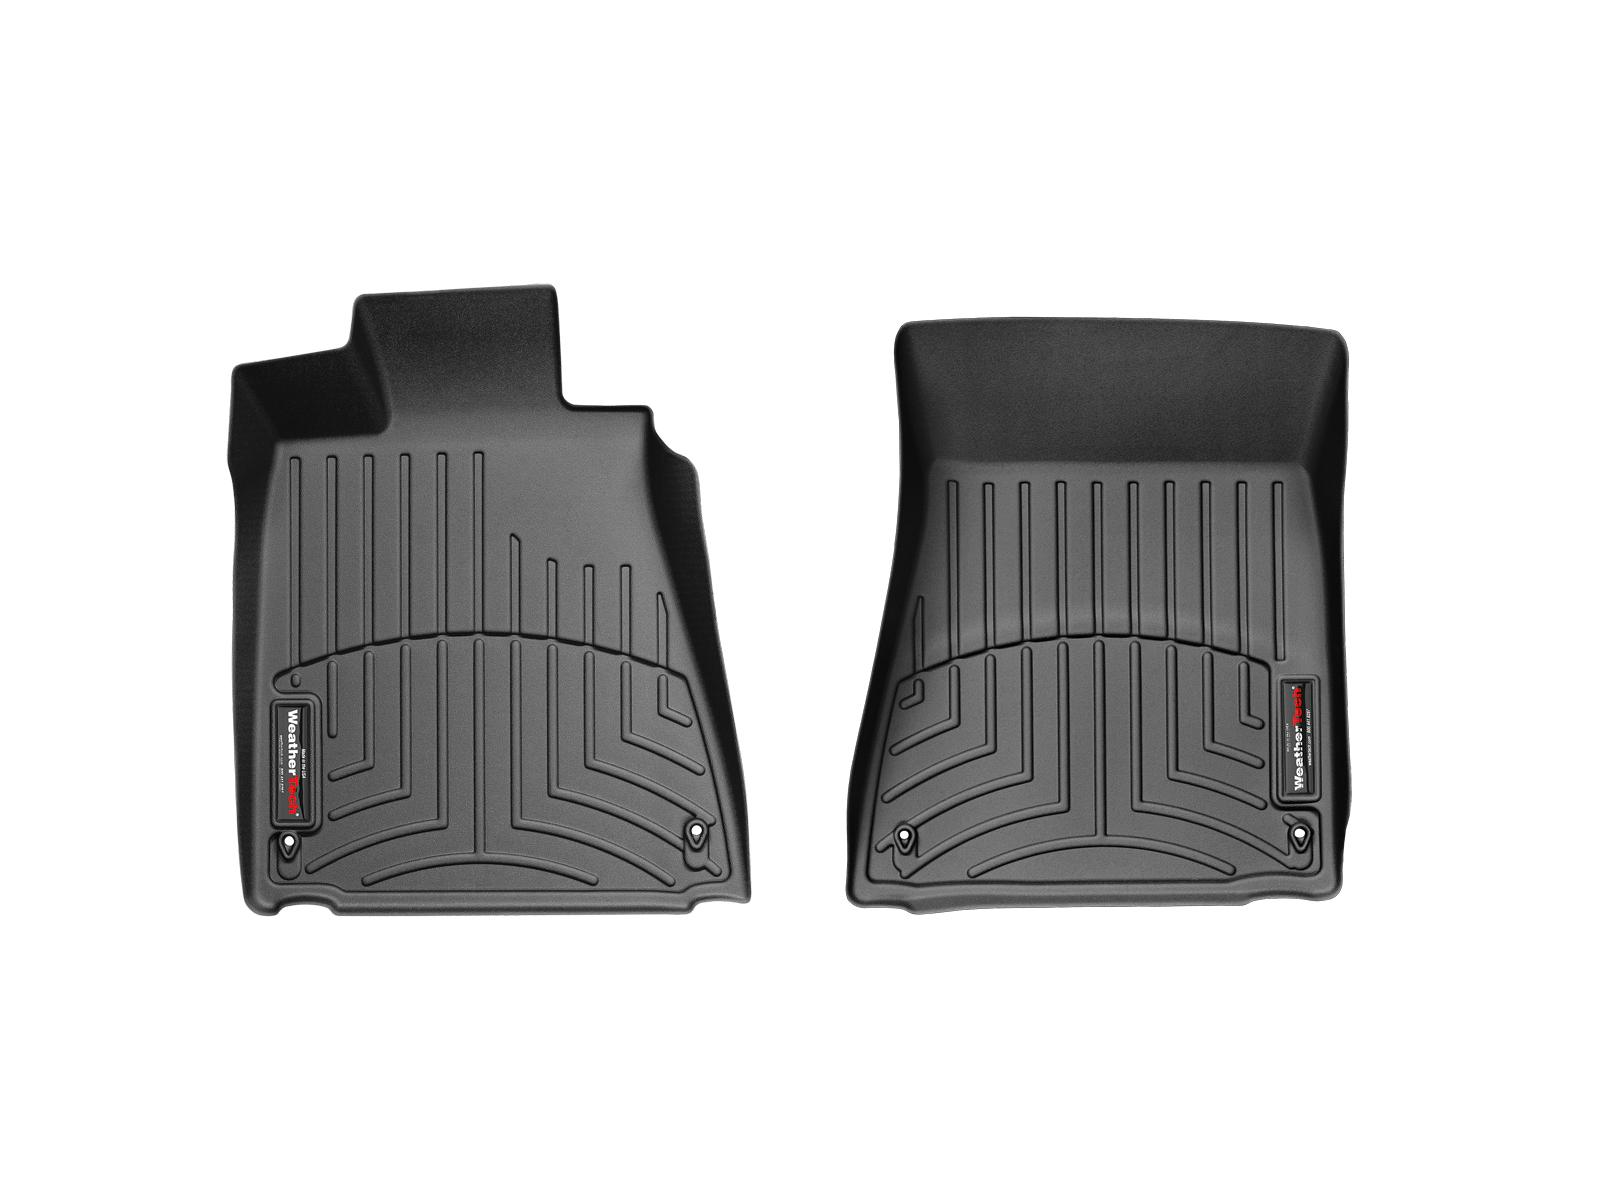 Tappeti gomma su misura bordo alto Lexus GS 350 / GS 460 05>11 Nero A2029